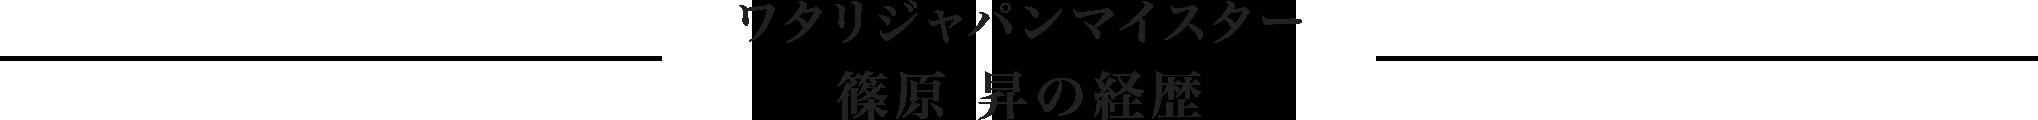 ワタリジャパンマイスター 篠原 昇の経歴